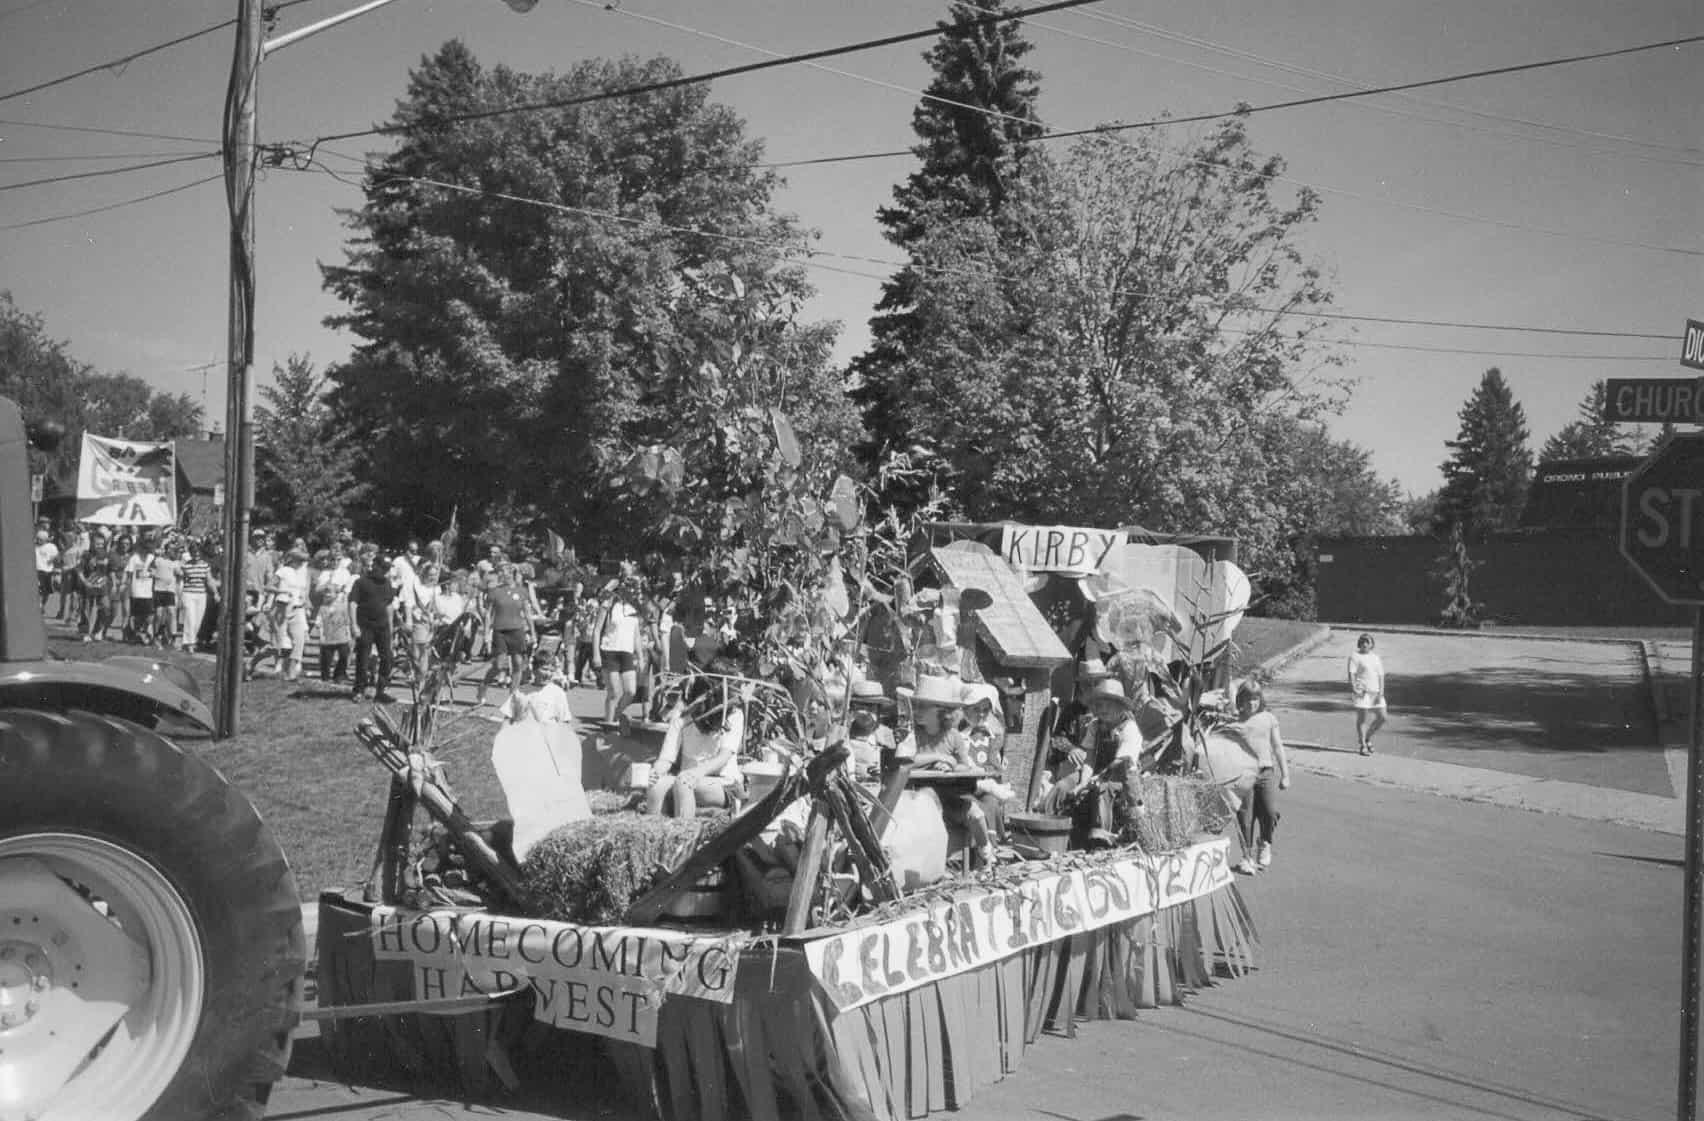 20200908-Friday School parade 2002 Kirby